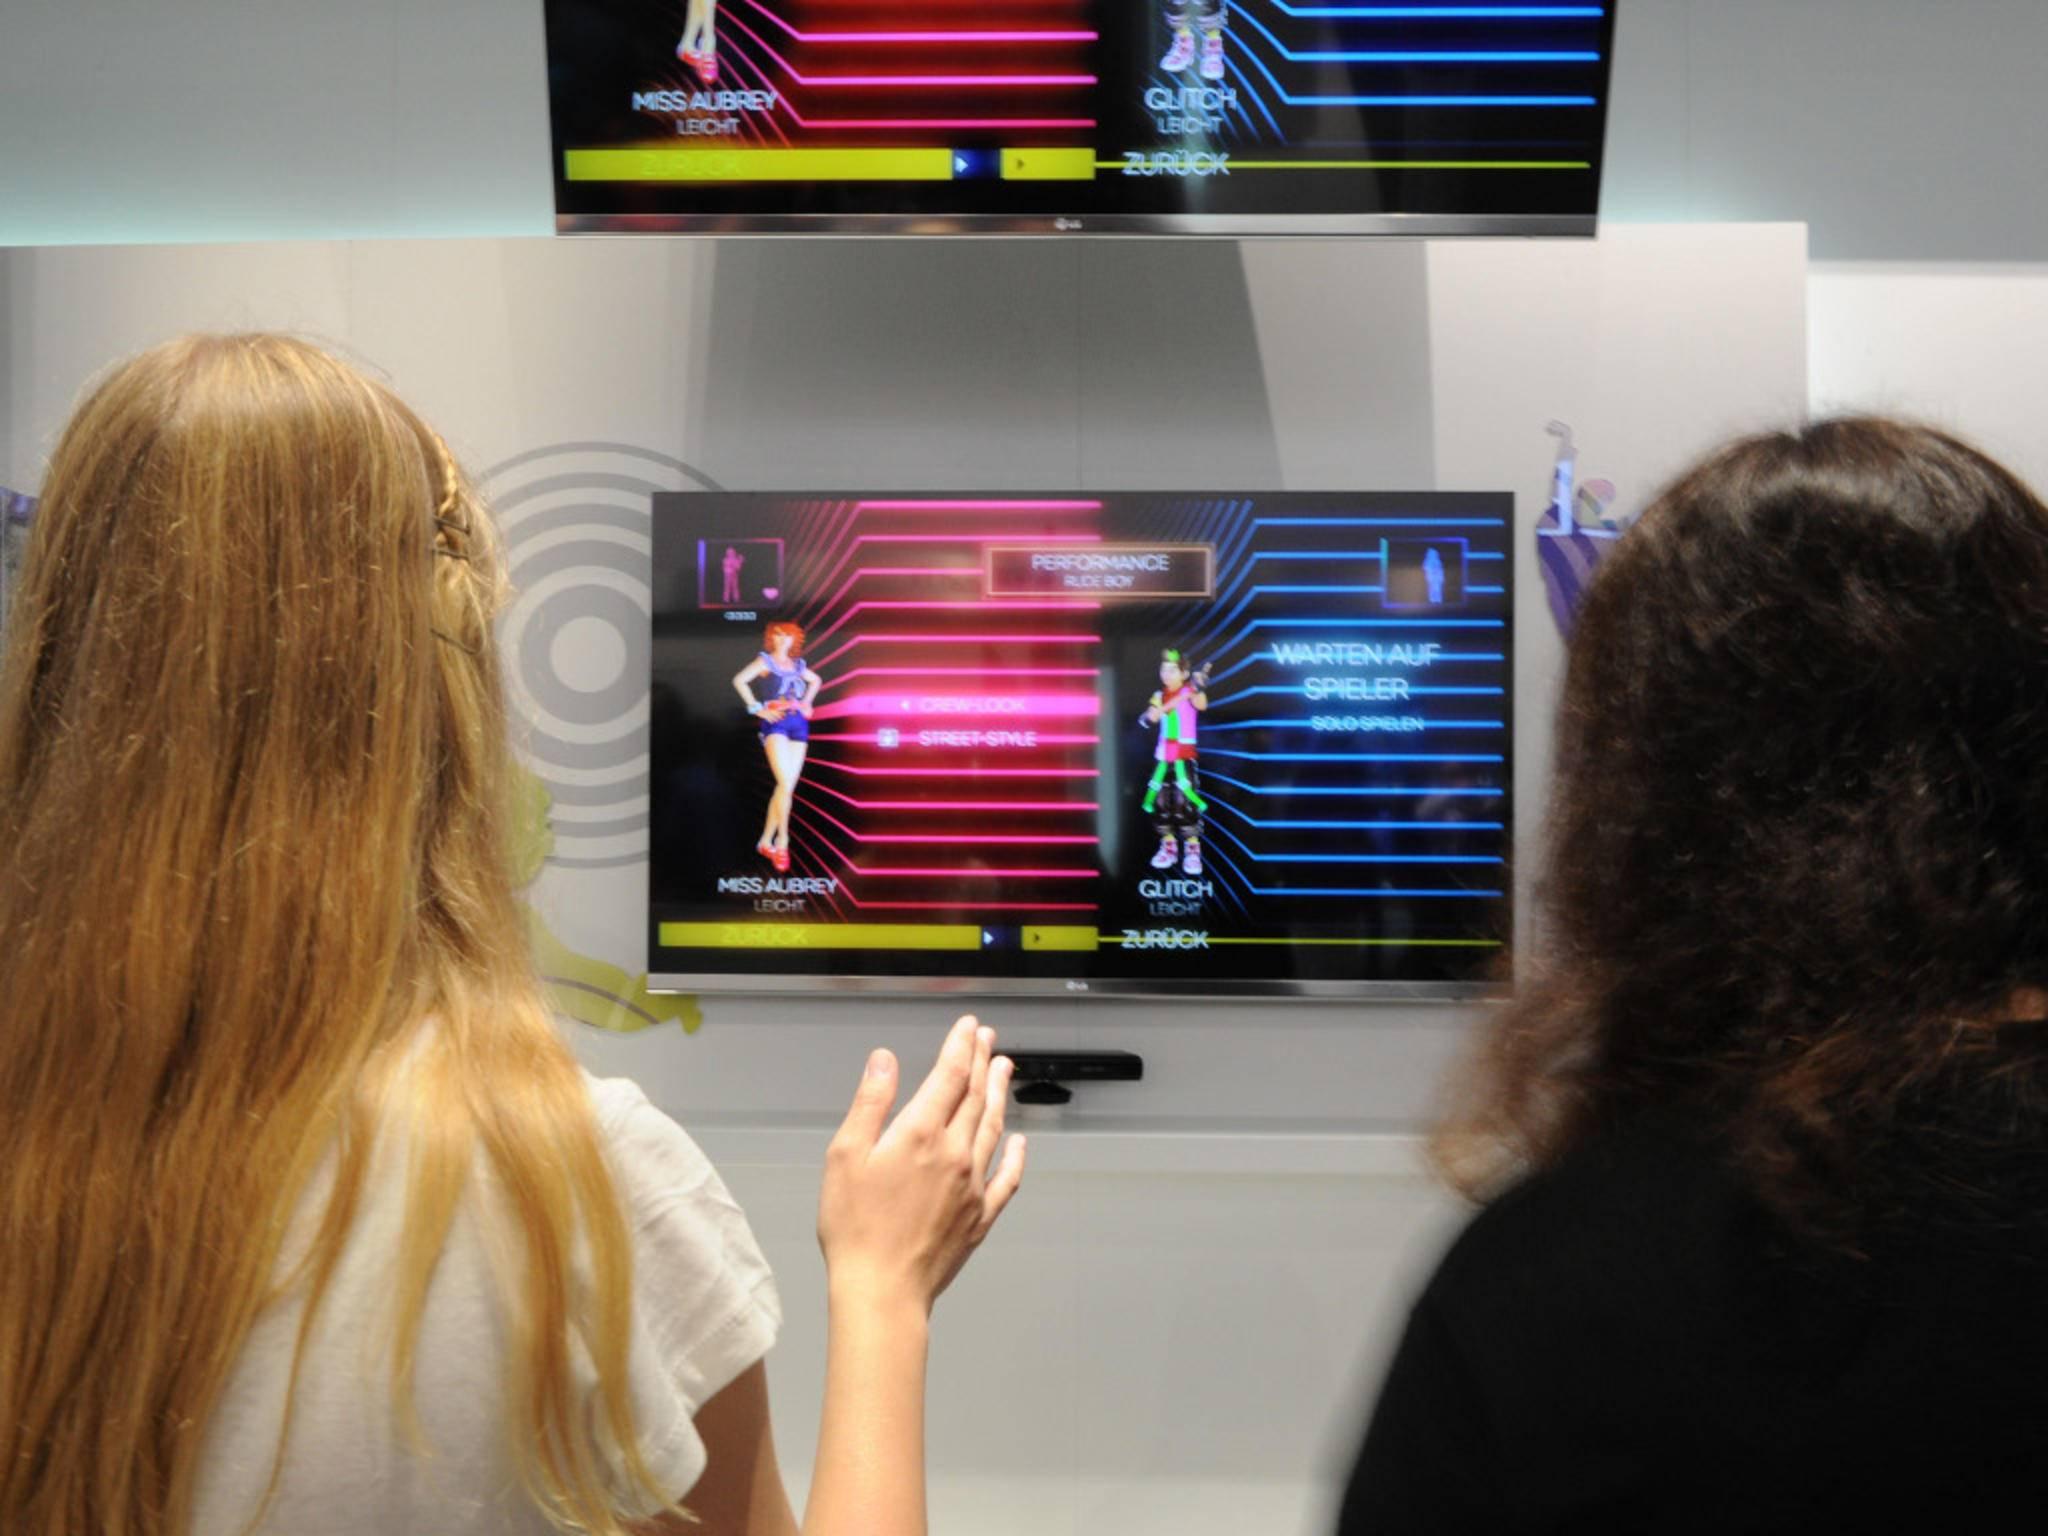 Gaming-Fans dürfen sich auf Dual View freuen – mit 3D-Brille sieht jeder Spieler sein Bild über den ganzen Bildschirm.